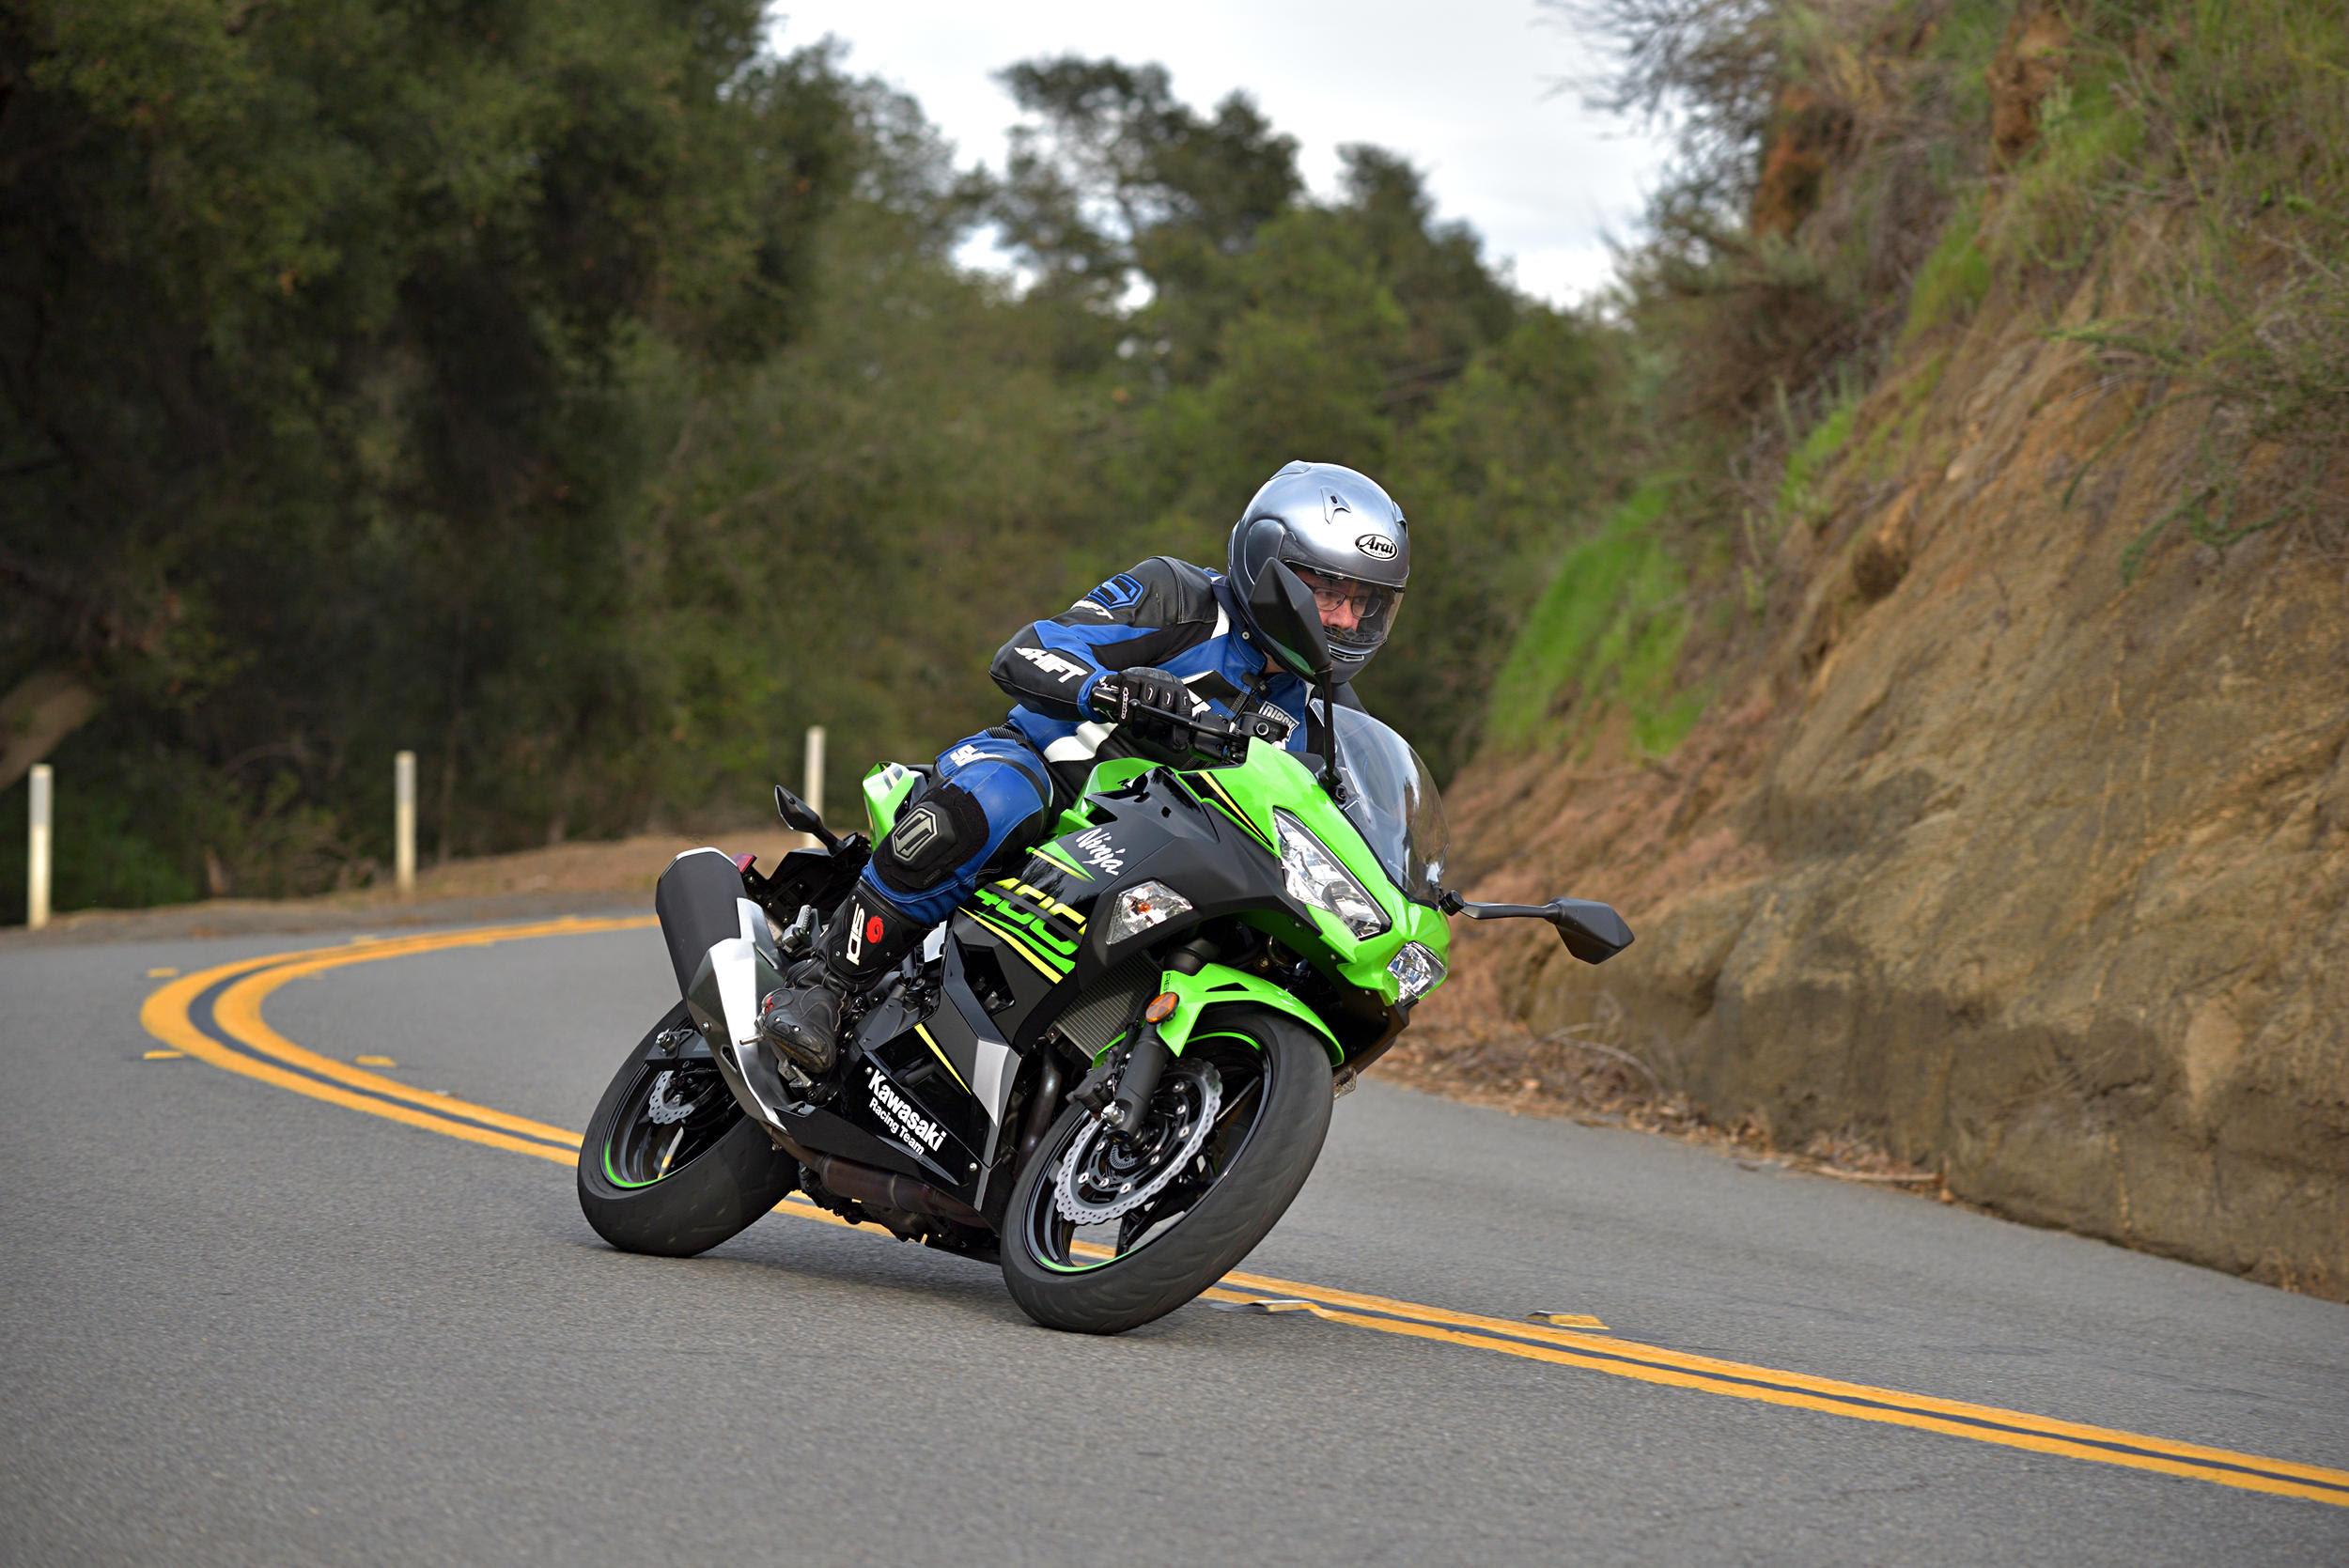 2018 Kawasaki Ninja 400 Abs Md Ride Review